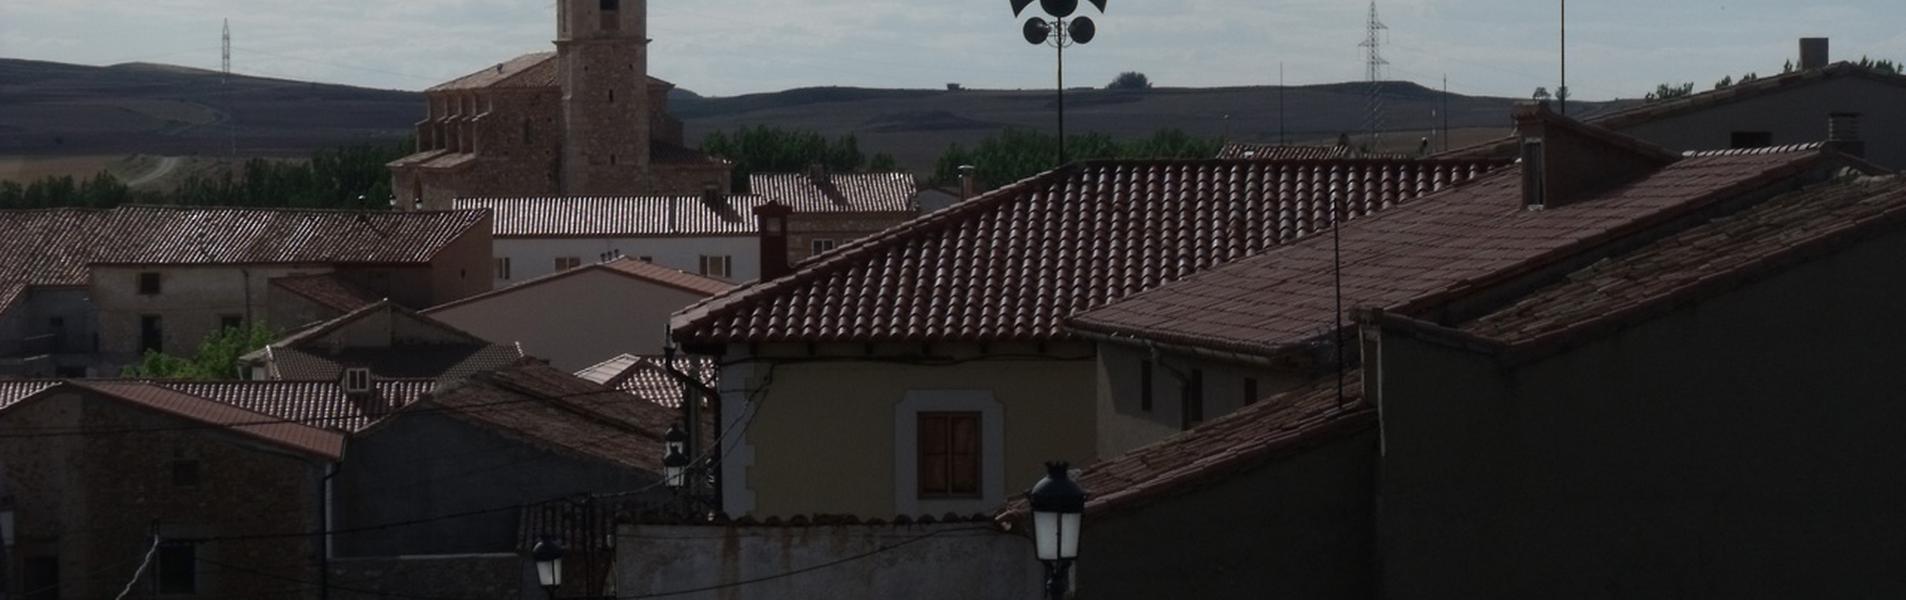 Mezquita de Jarque